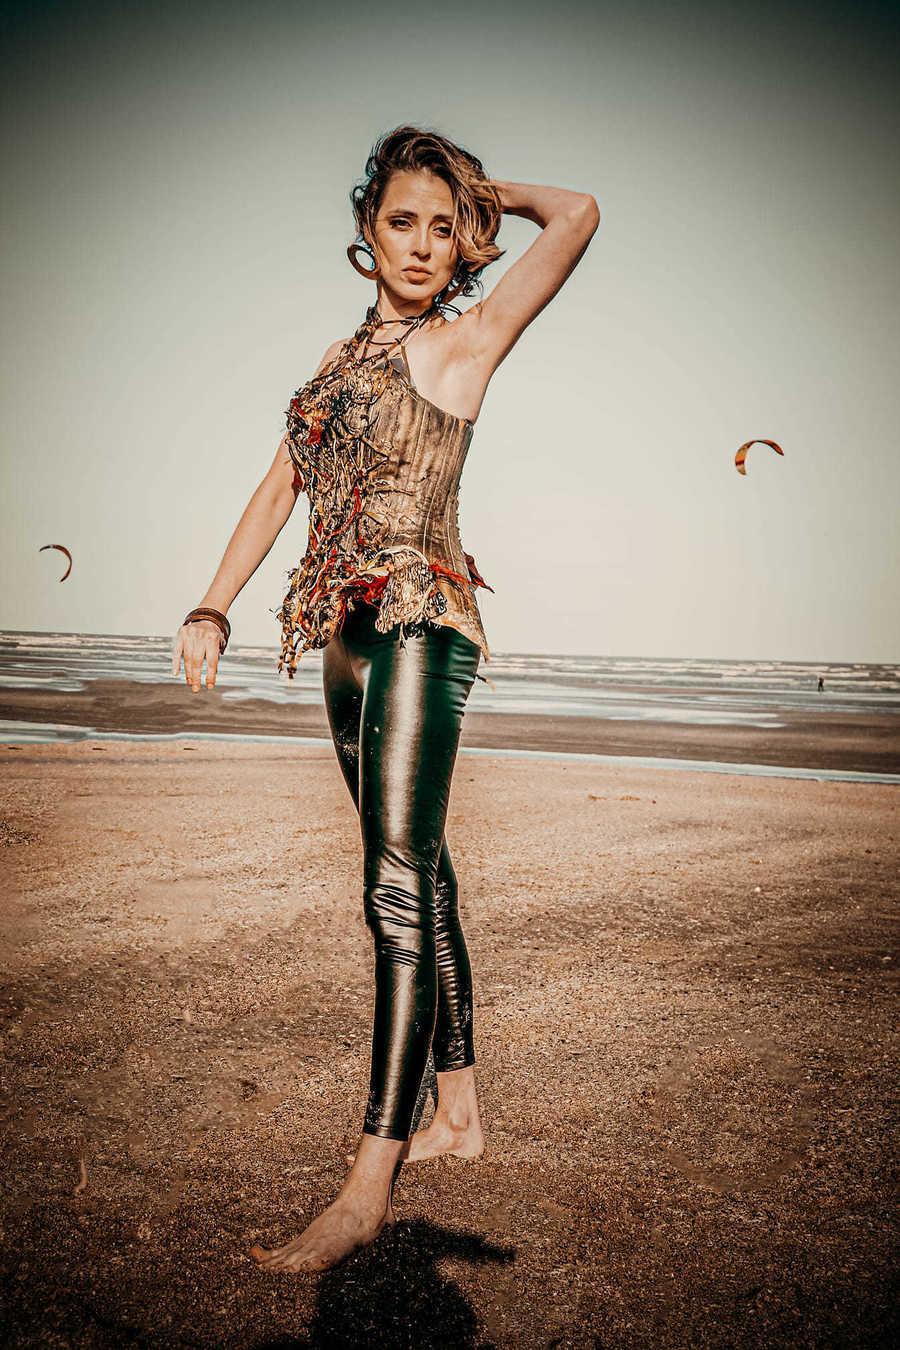 Model Lana Kurasidze / Uploaded 13th October 2020 @ 11:13 AM